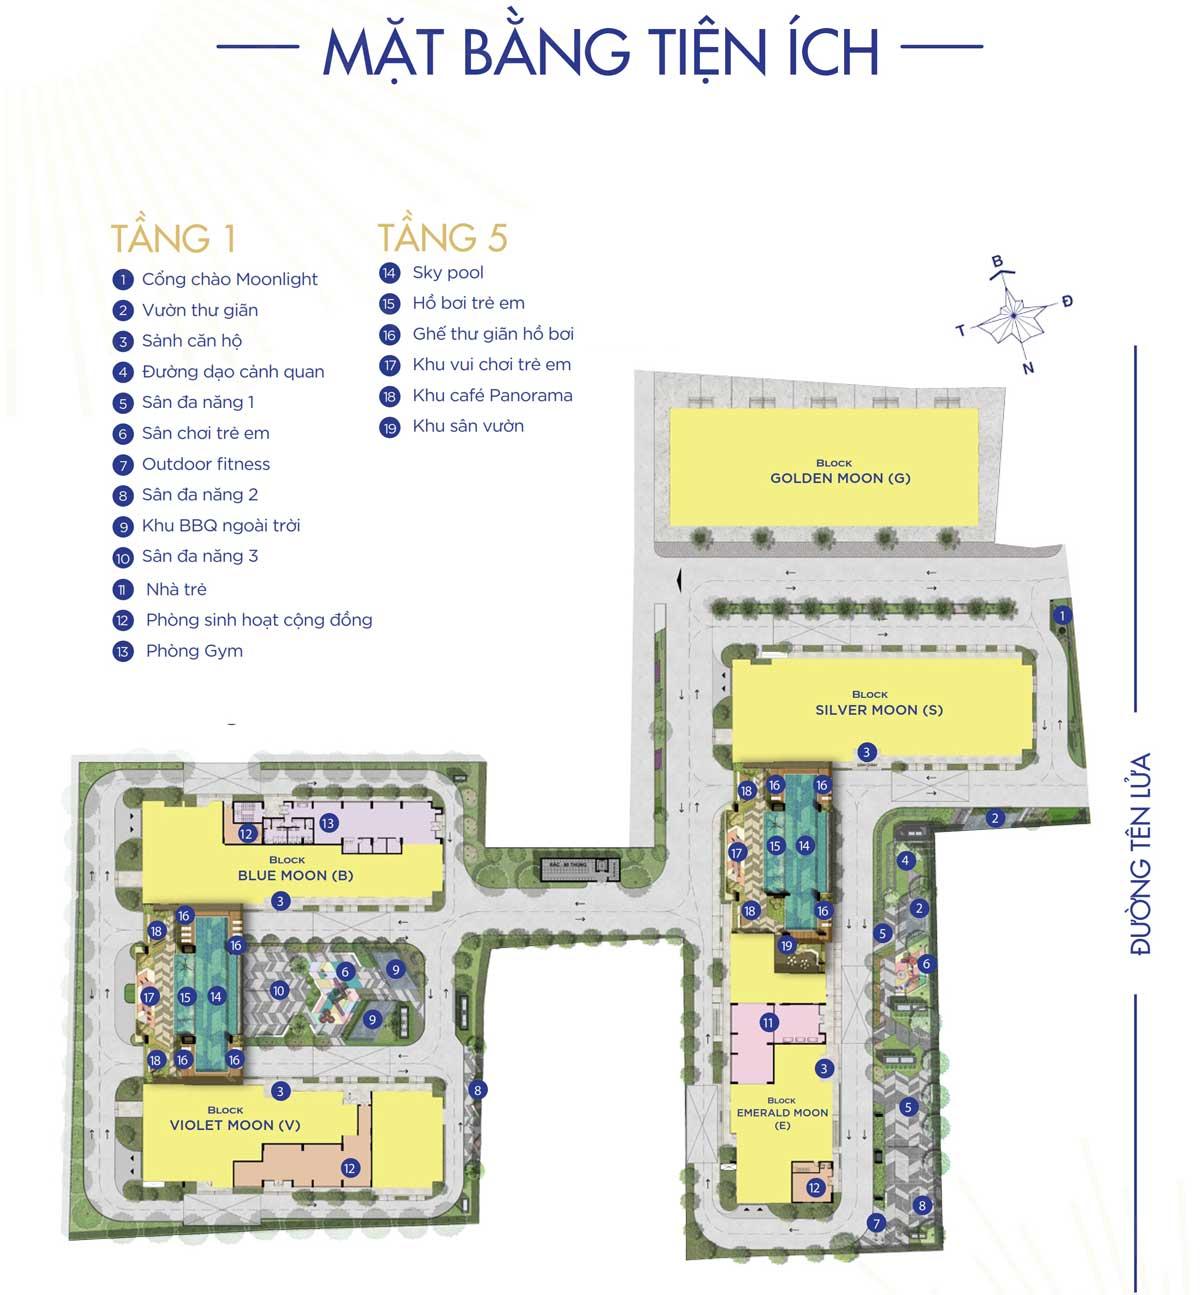 Mat bang Tien ich Du an Moonlight Centre Point - Mặt-bằng-Tiện-ích-Dự-án-Moonlight-Centre-Point